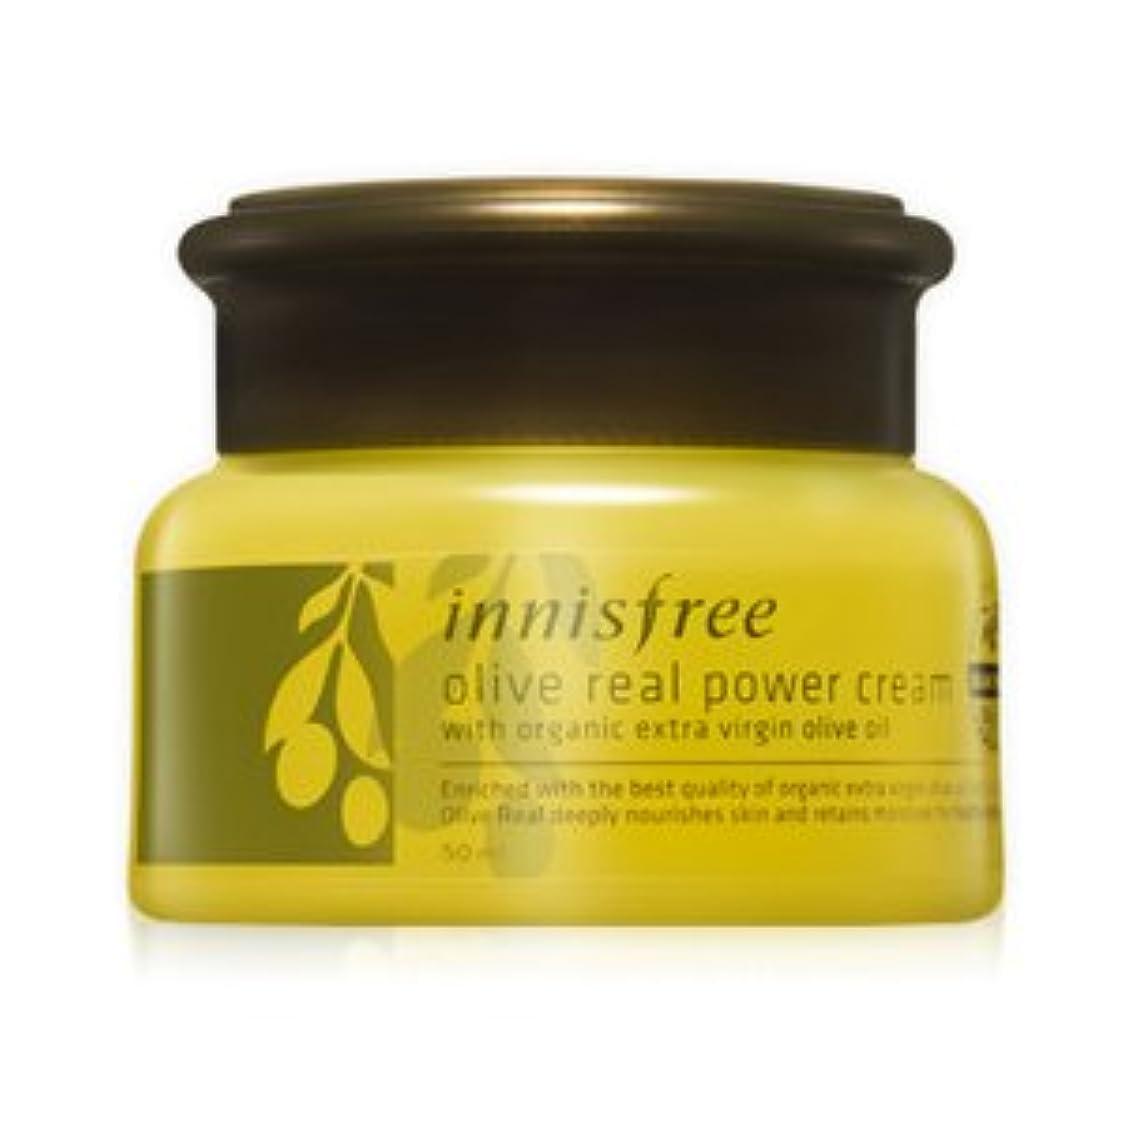 補充必要とする反対するinnisfree(イニスフリー) 強力保湿 オリーブ リアル パワー クリーム 艶やかな肌 50ml